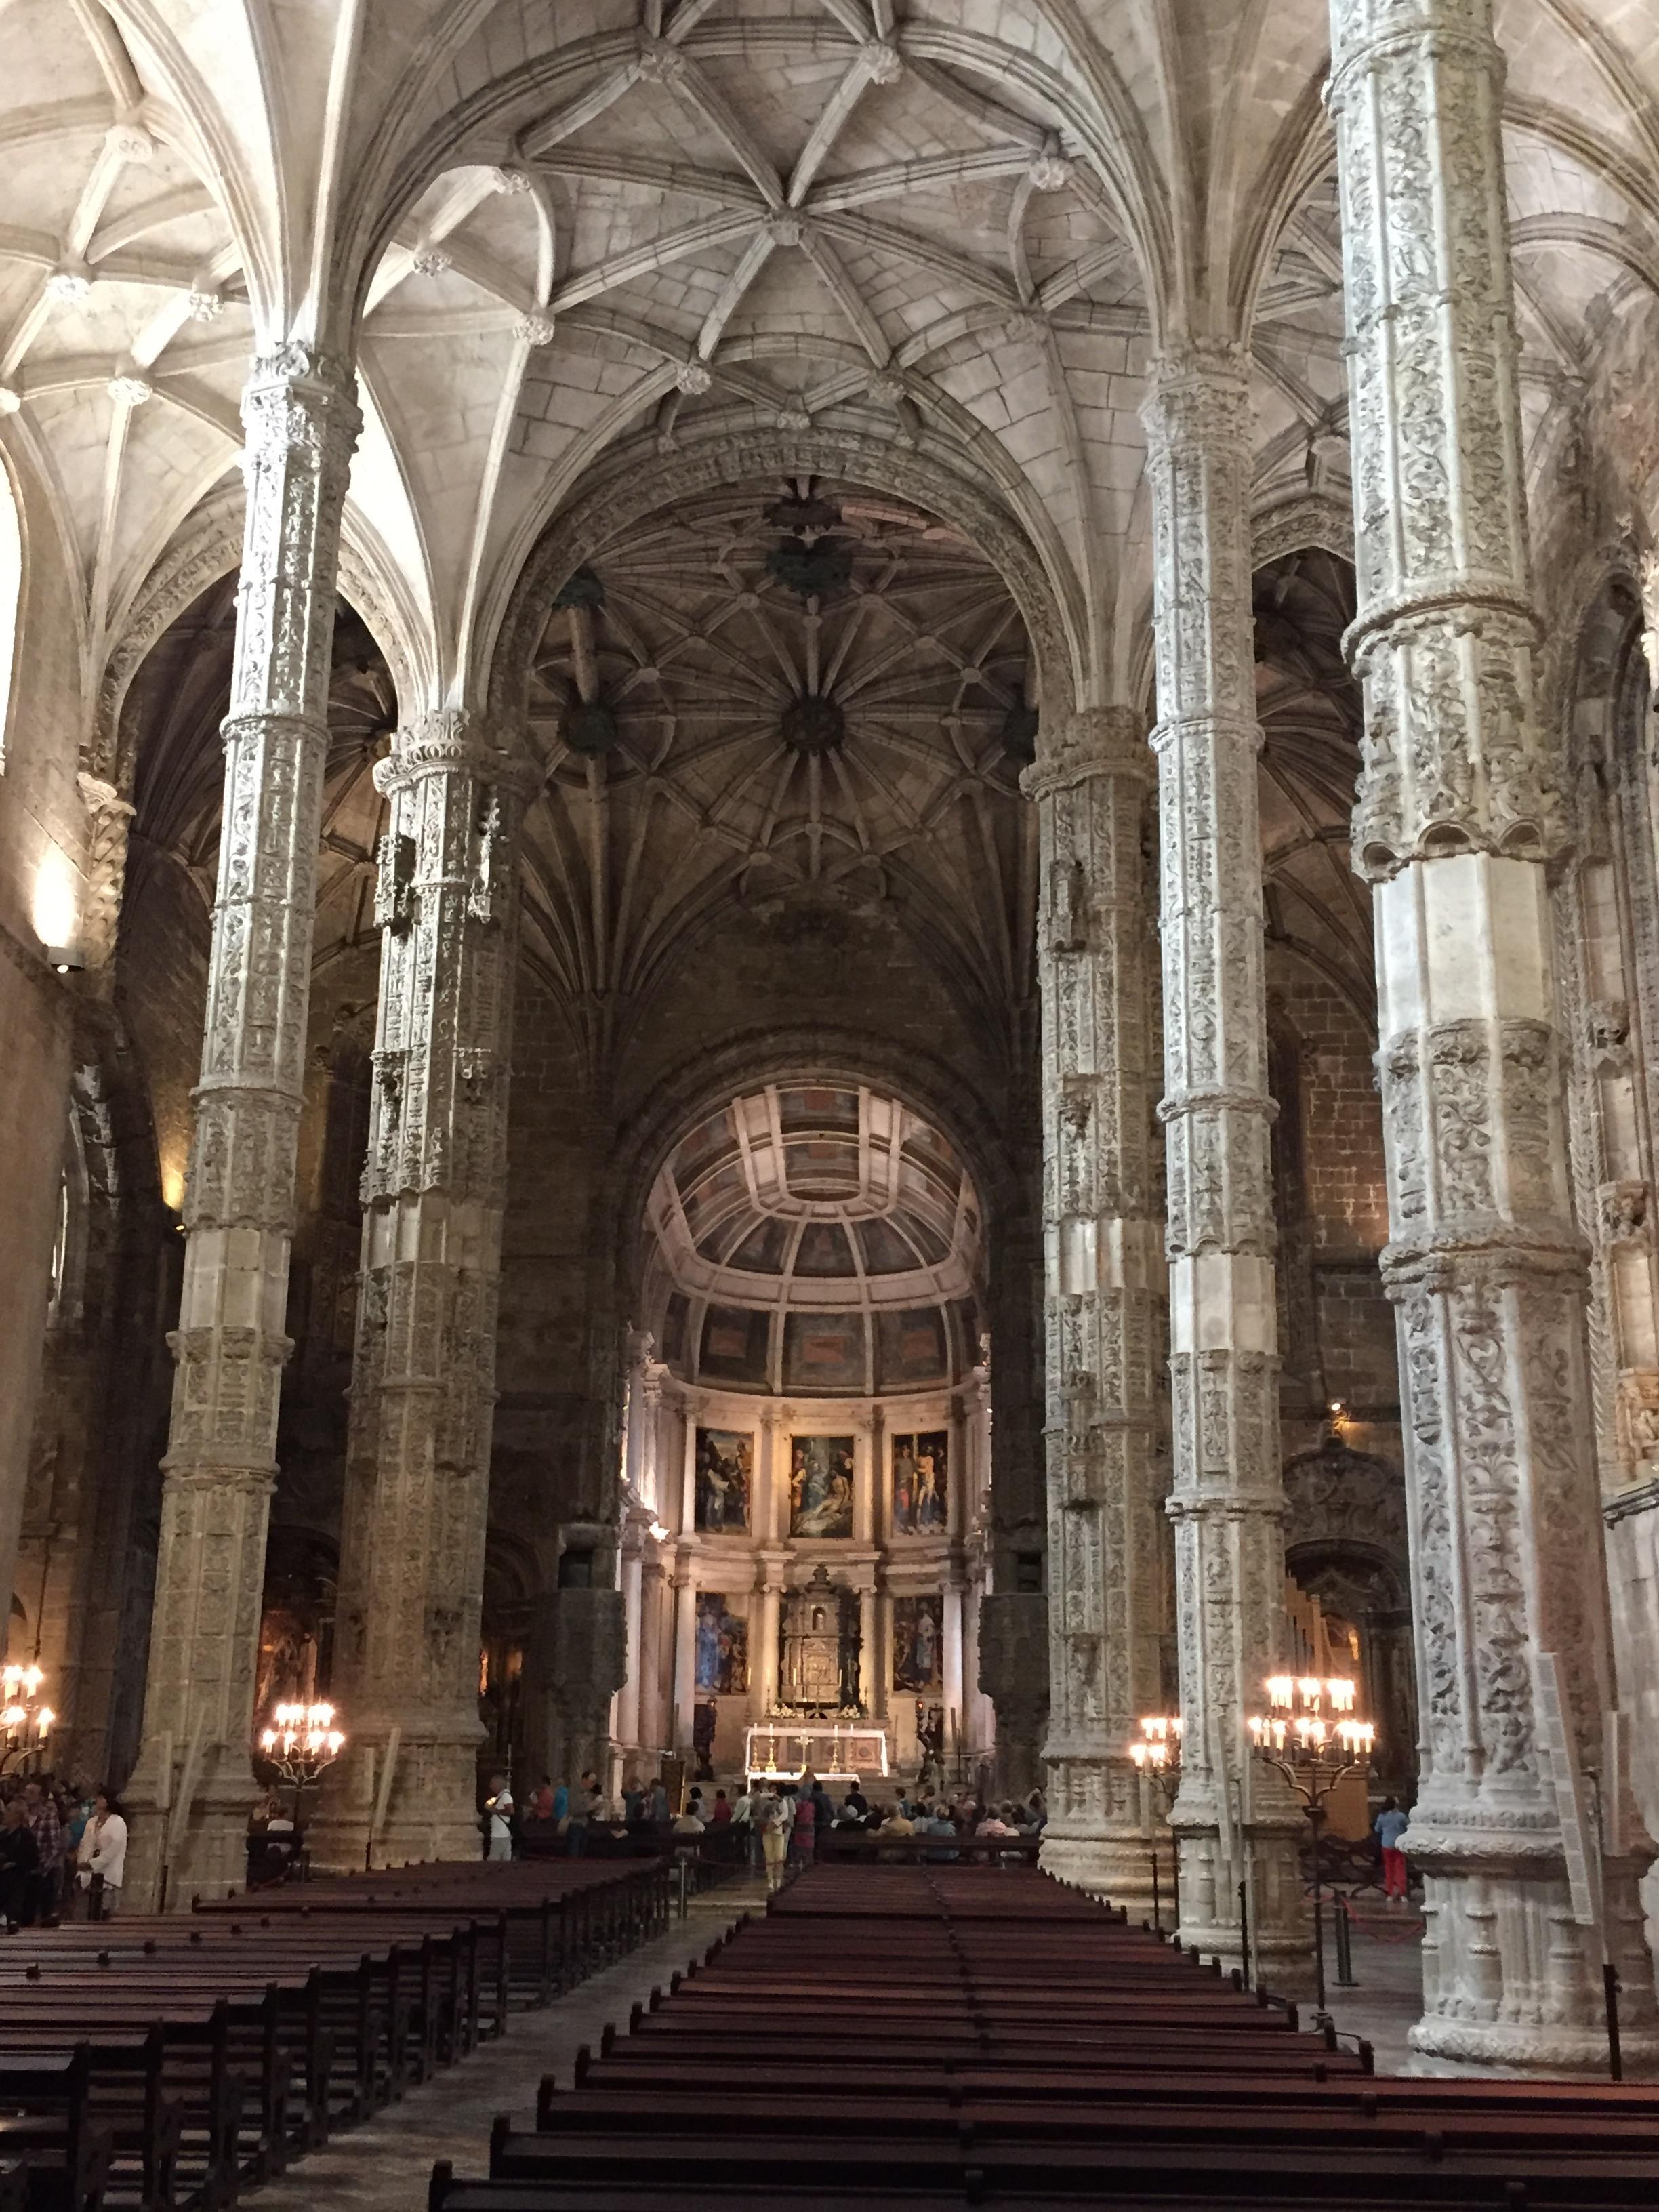 Vista do interior da Catedral que mantém o estilo Manuelino misturado ao Barroco.